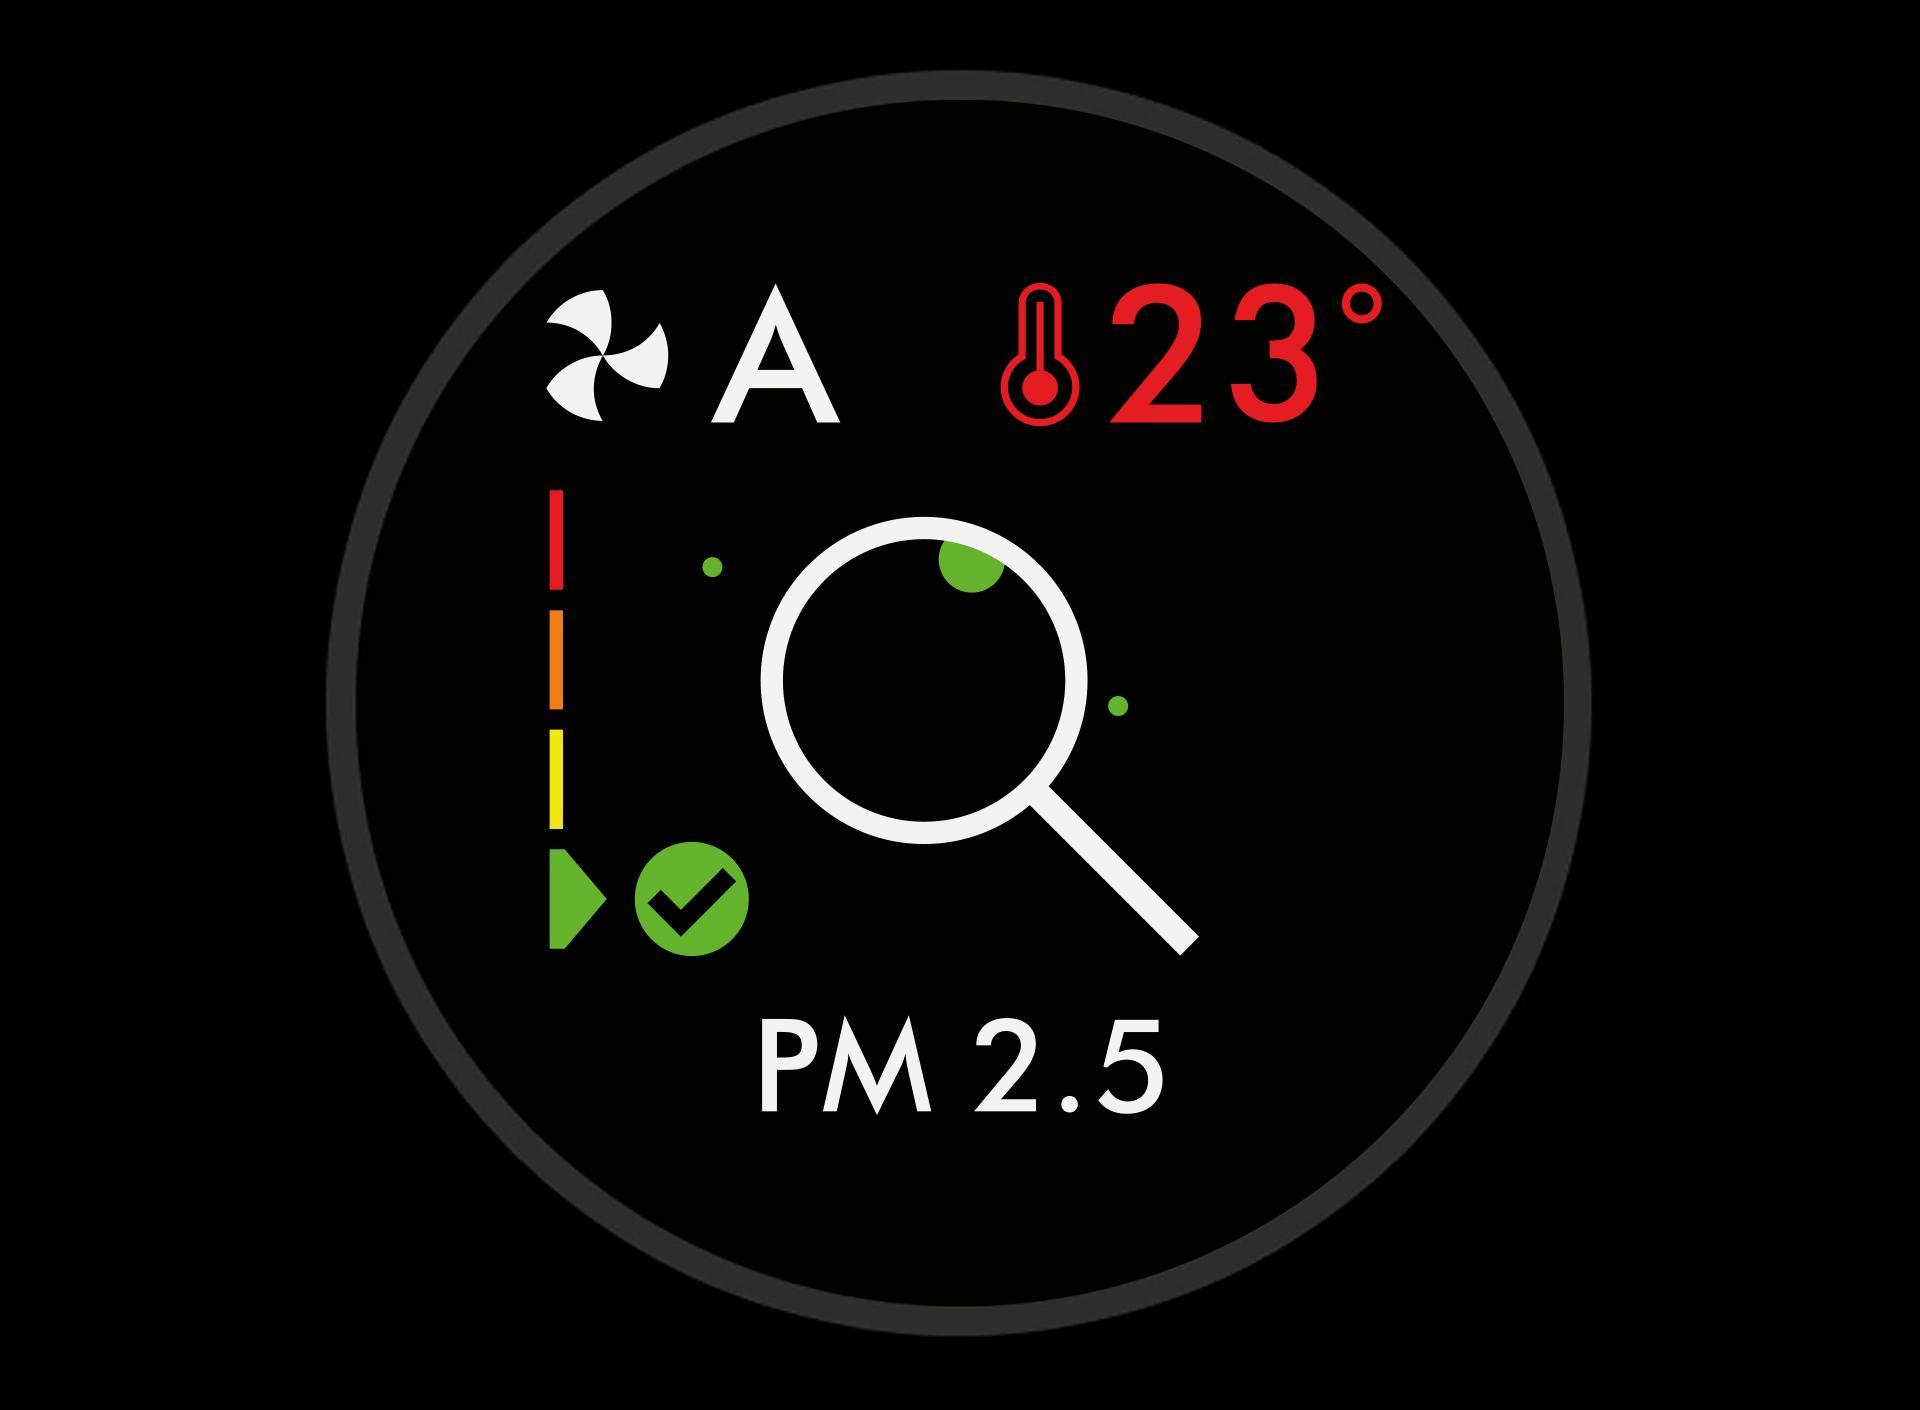 PM 2.5 level